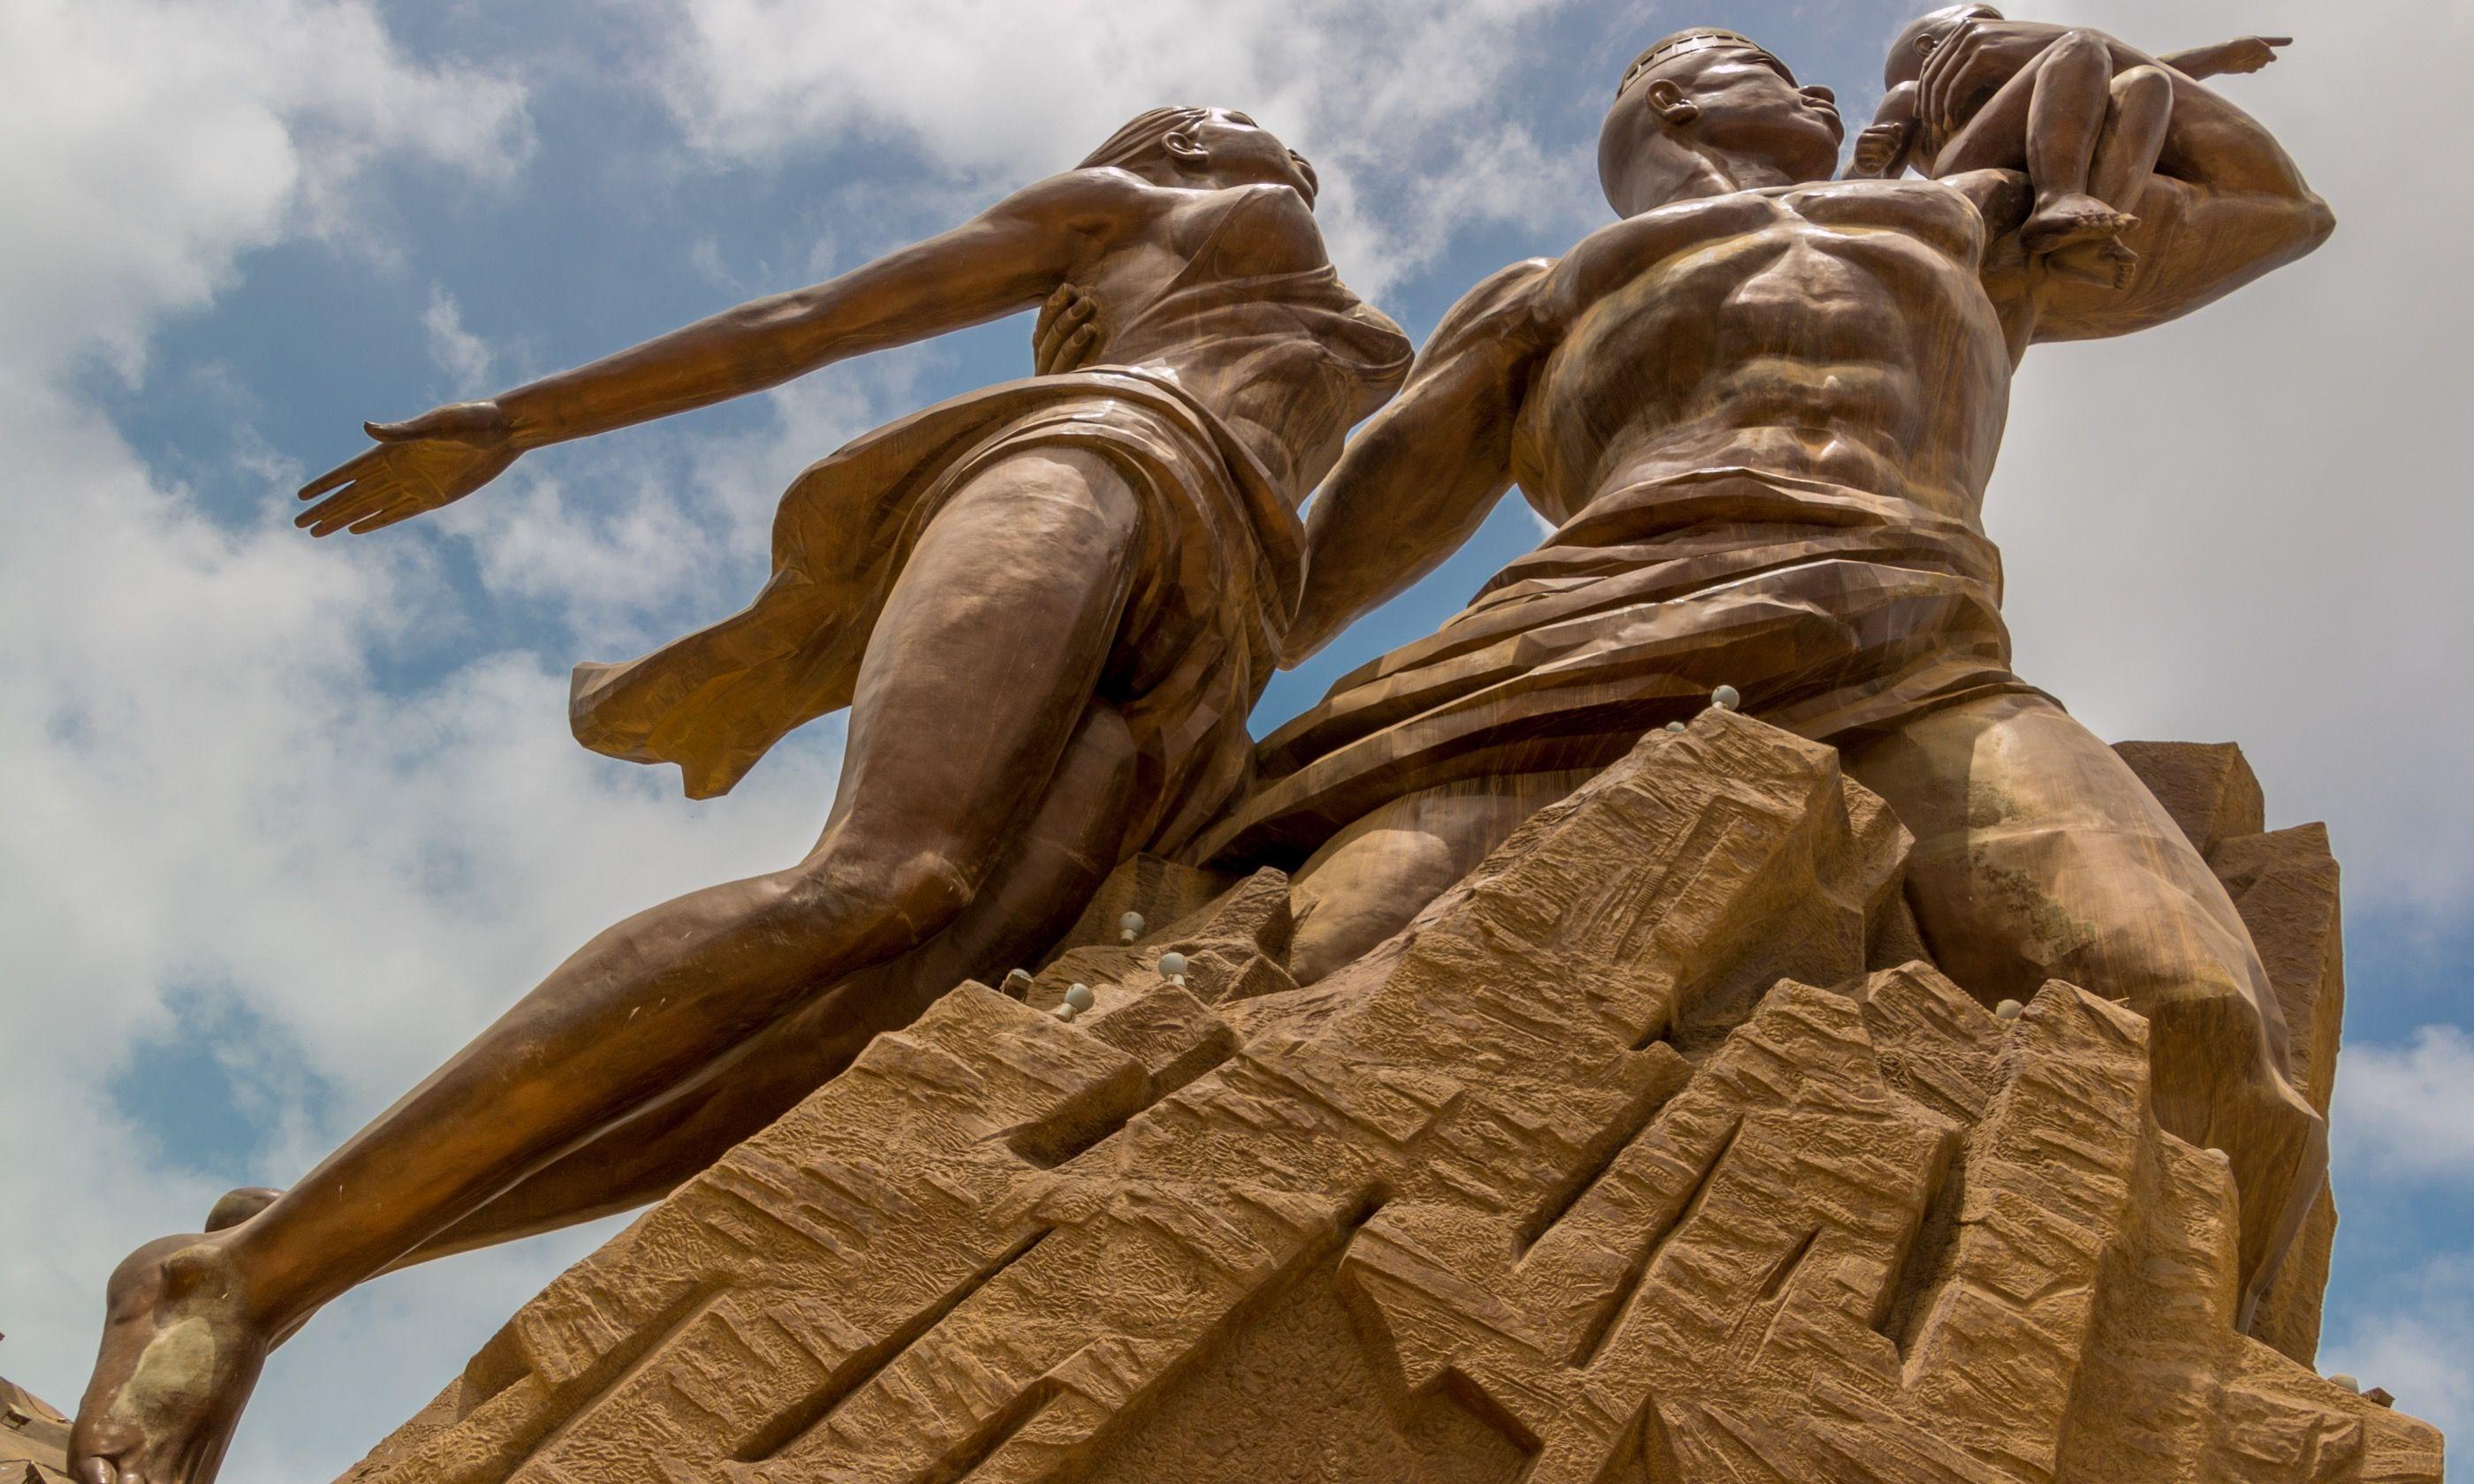 African Renaissance Monument (Shutterstock.com)